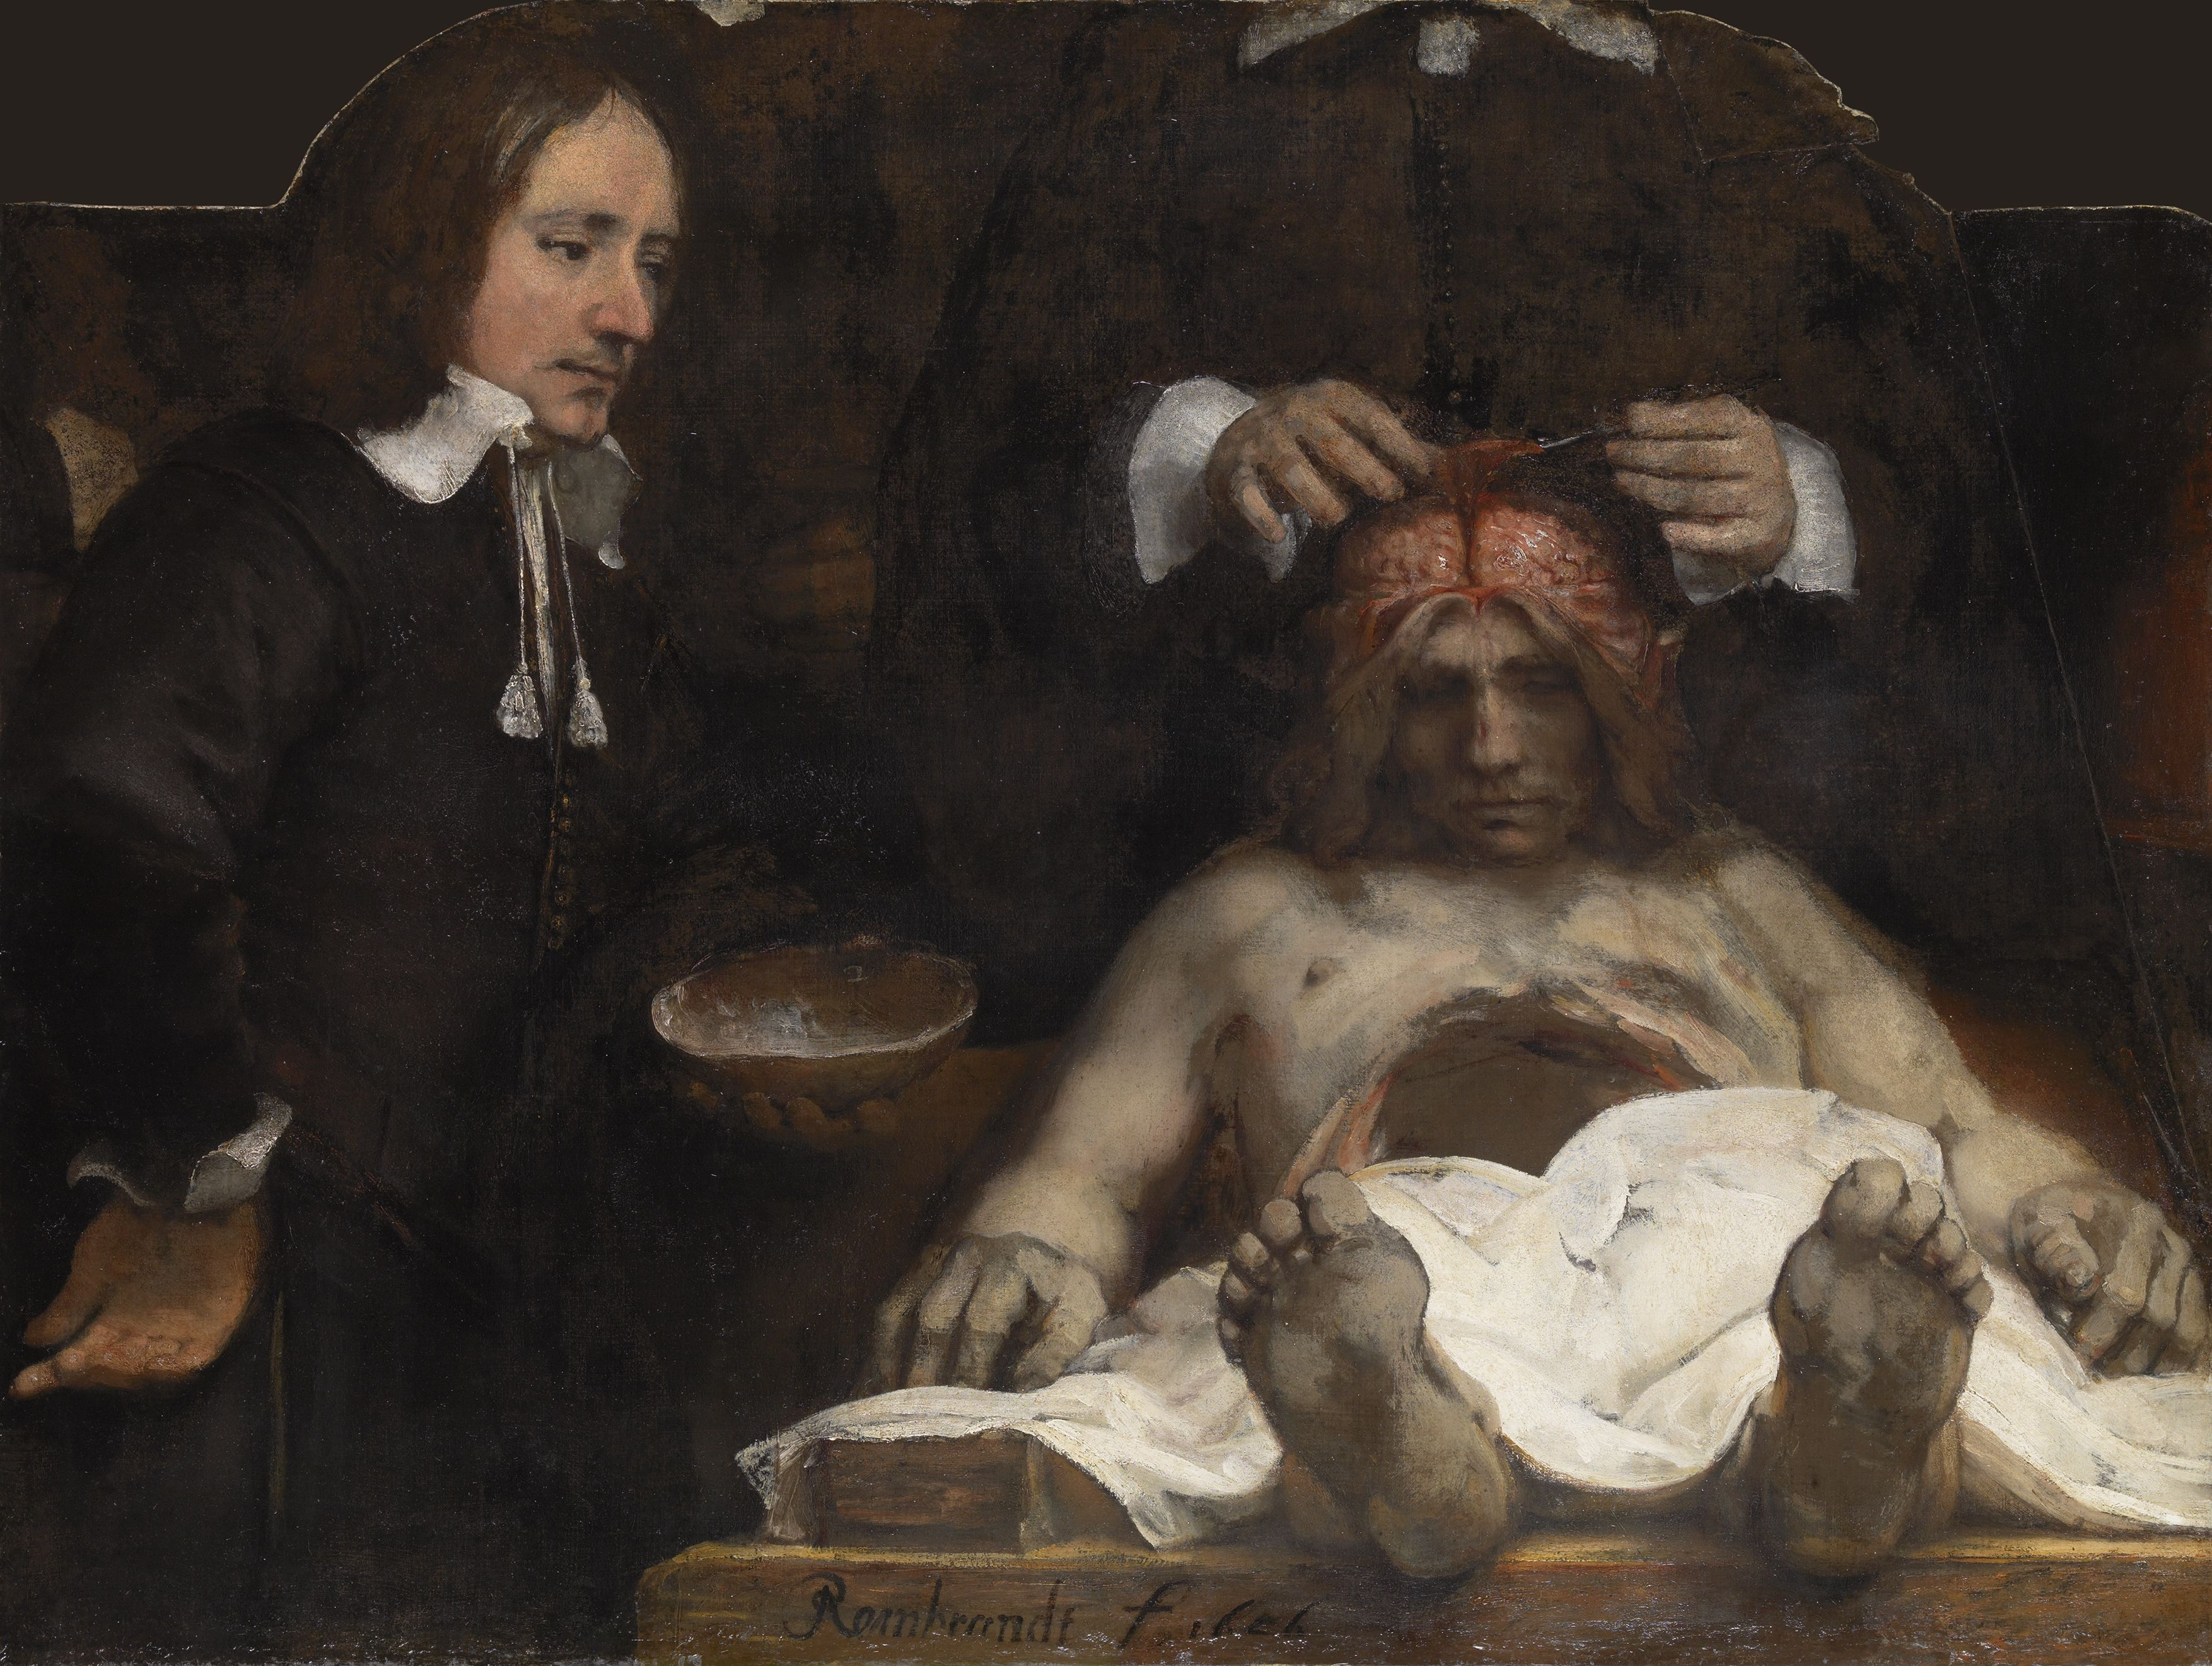 La lección de anatomía del doctor Tulp, Rembrandt | MEDICINA ANTIGUA ...